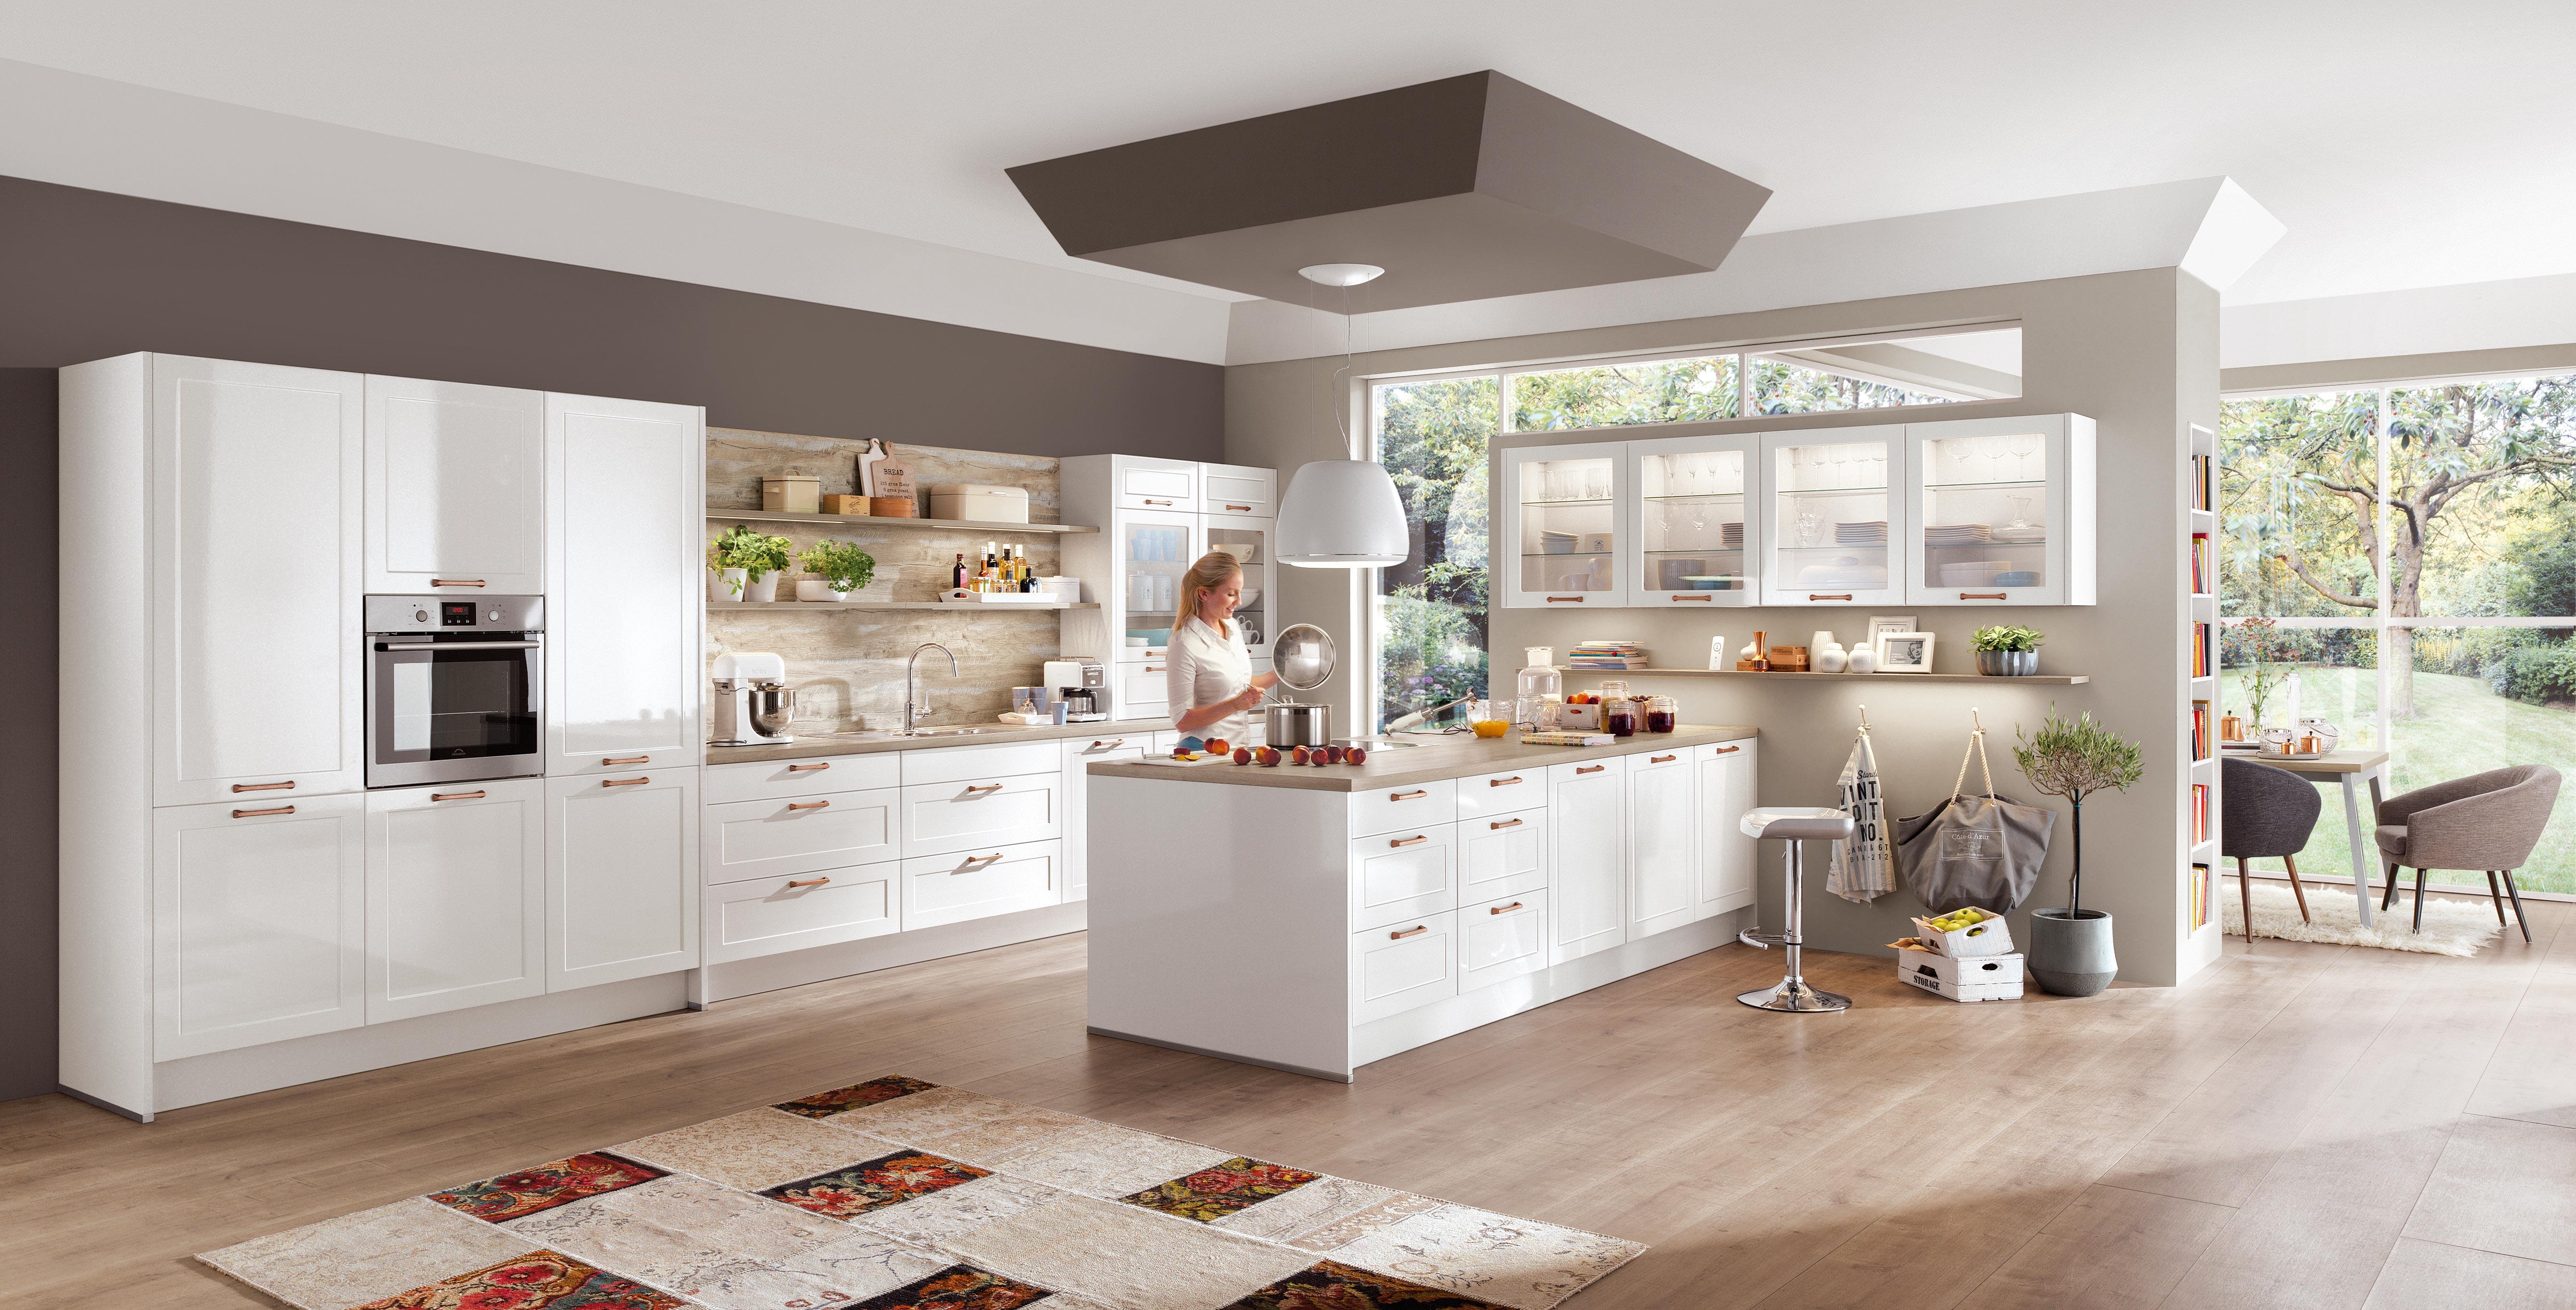 nobilia: Der erfolgreiche Küchenhersteller im Porträt